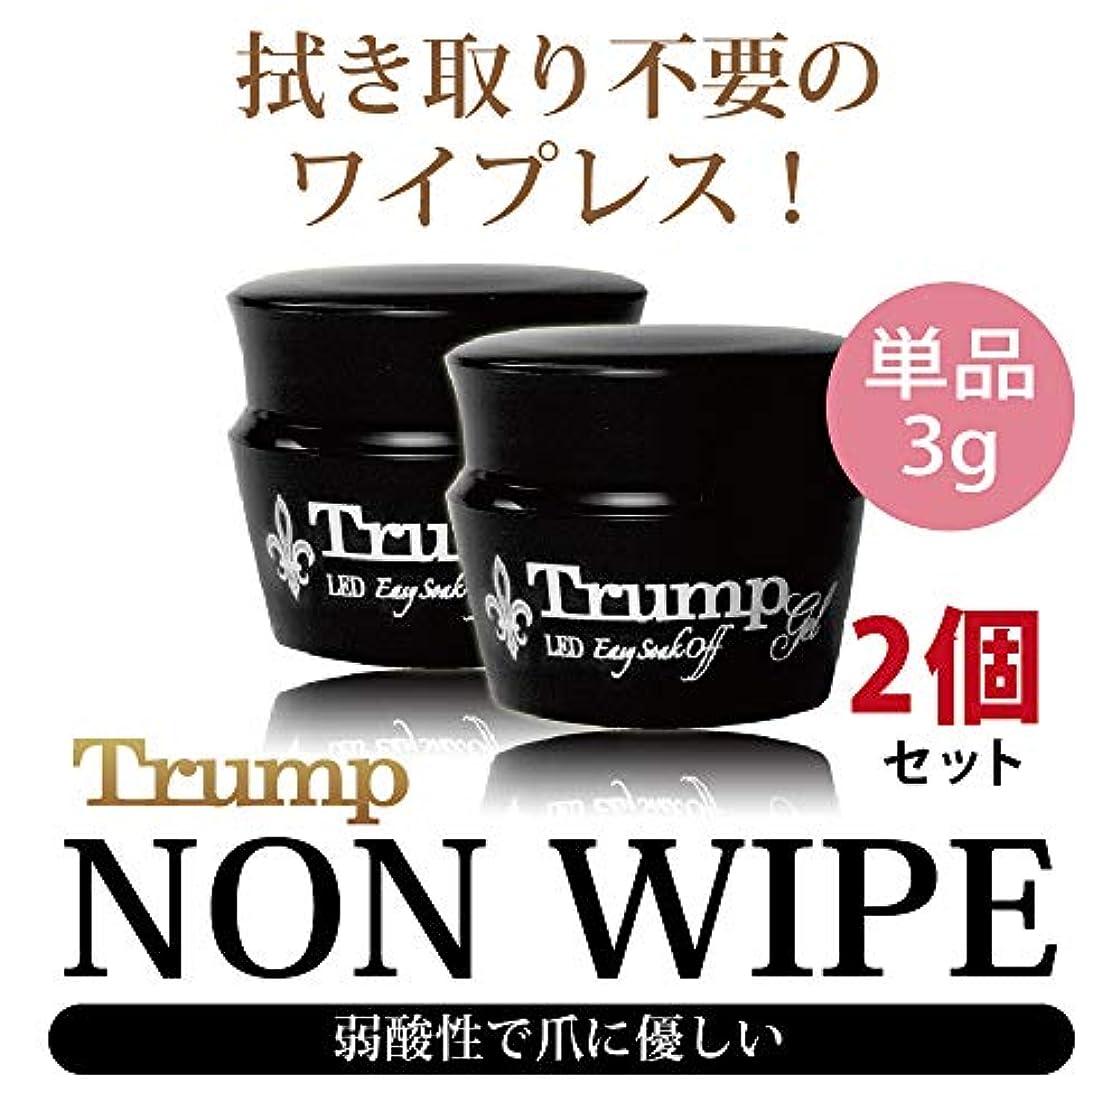 表向きはい人気Trump gel ノンワイプトップジェル 3g 2個セット